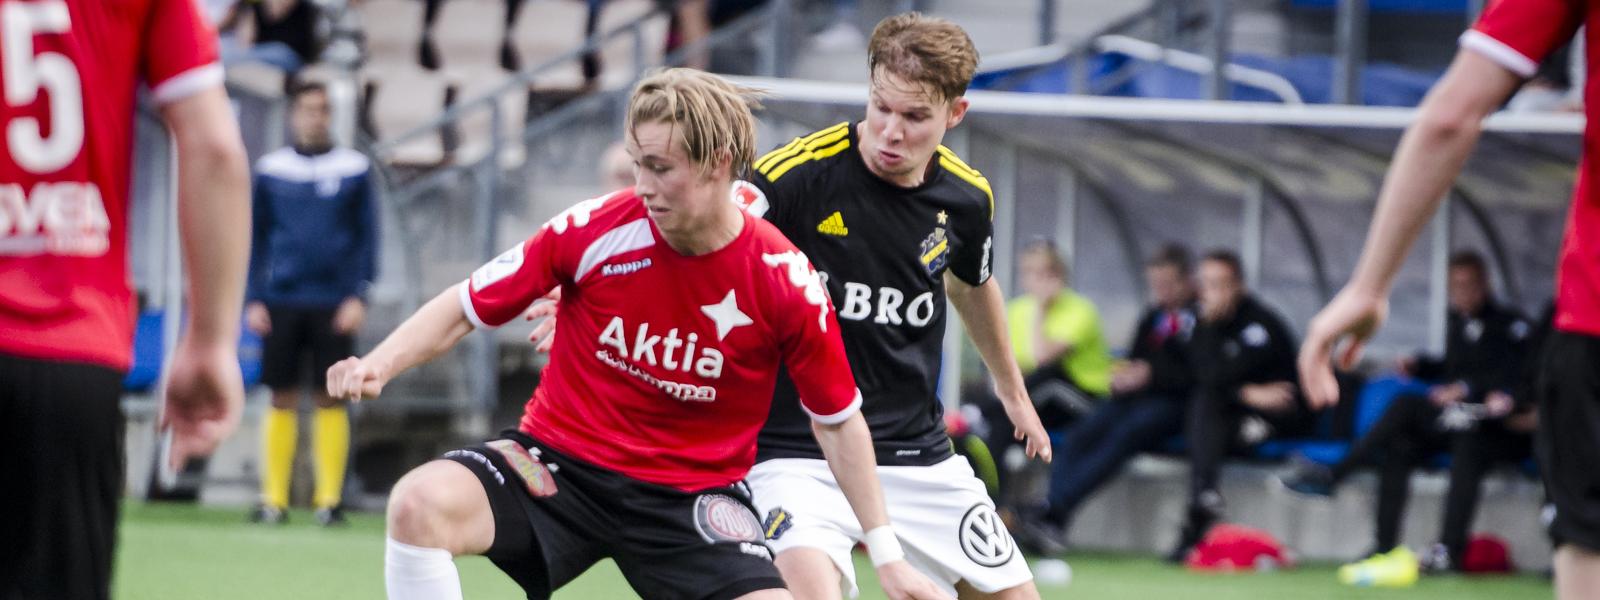 HIFK nousi tasapeliin AIK:ta vastaan &#8211; <br> Daniel Rantaselta upea kavennusmaali